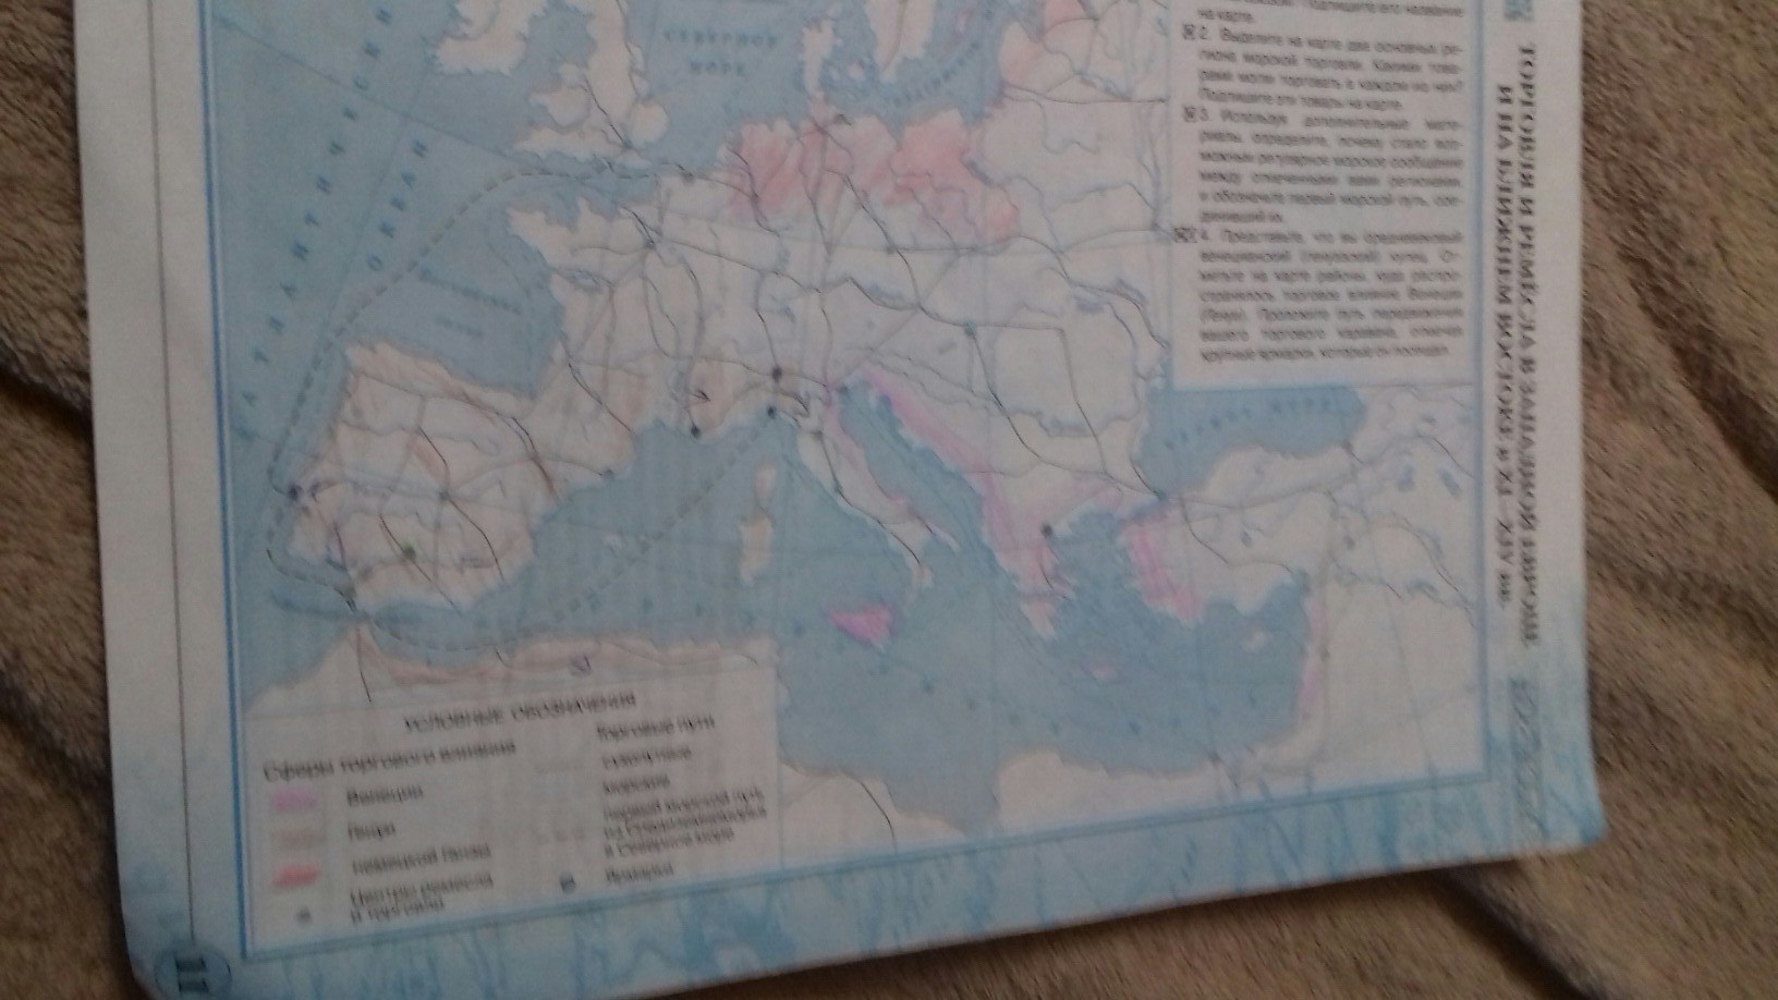 Гдз по истории россии 8 класс контурные карты арсентьев